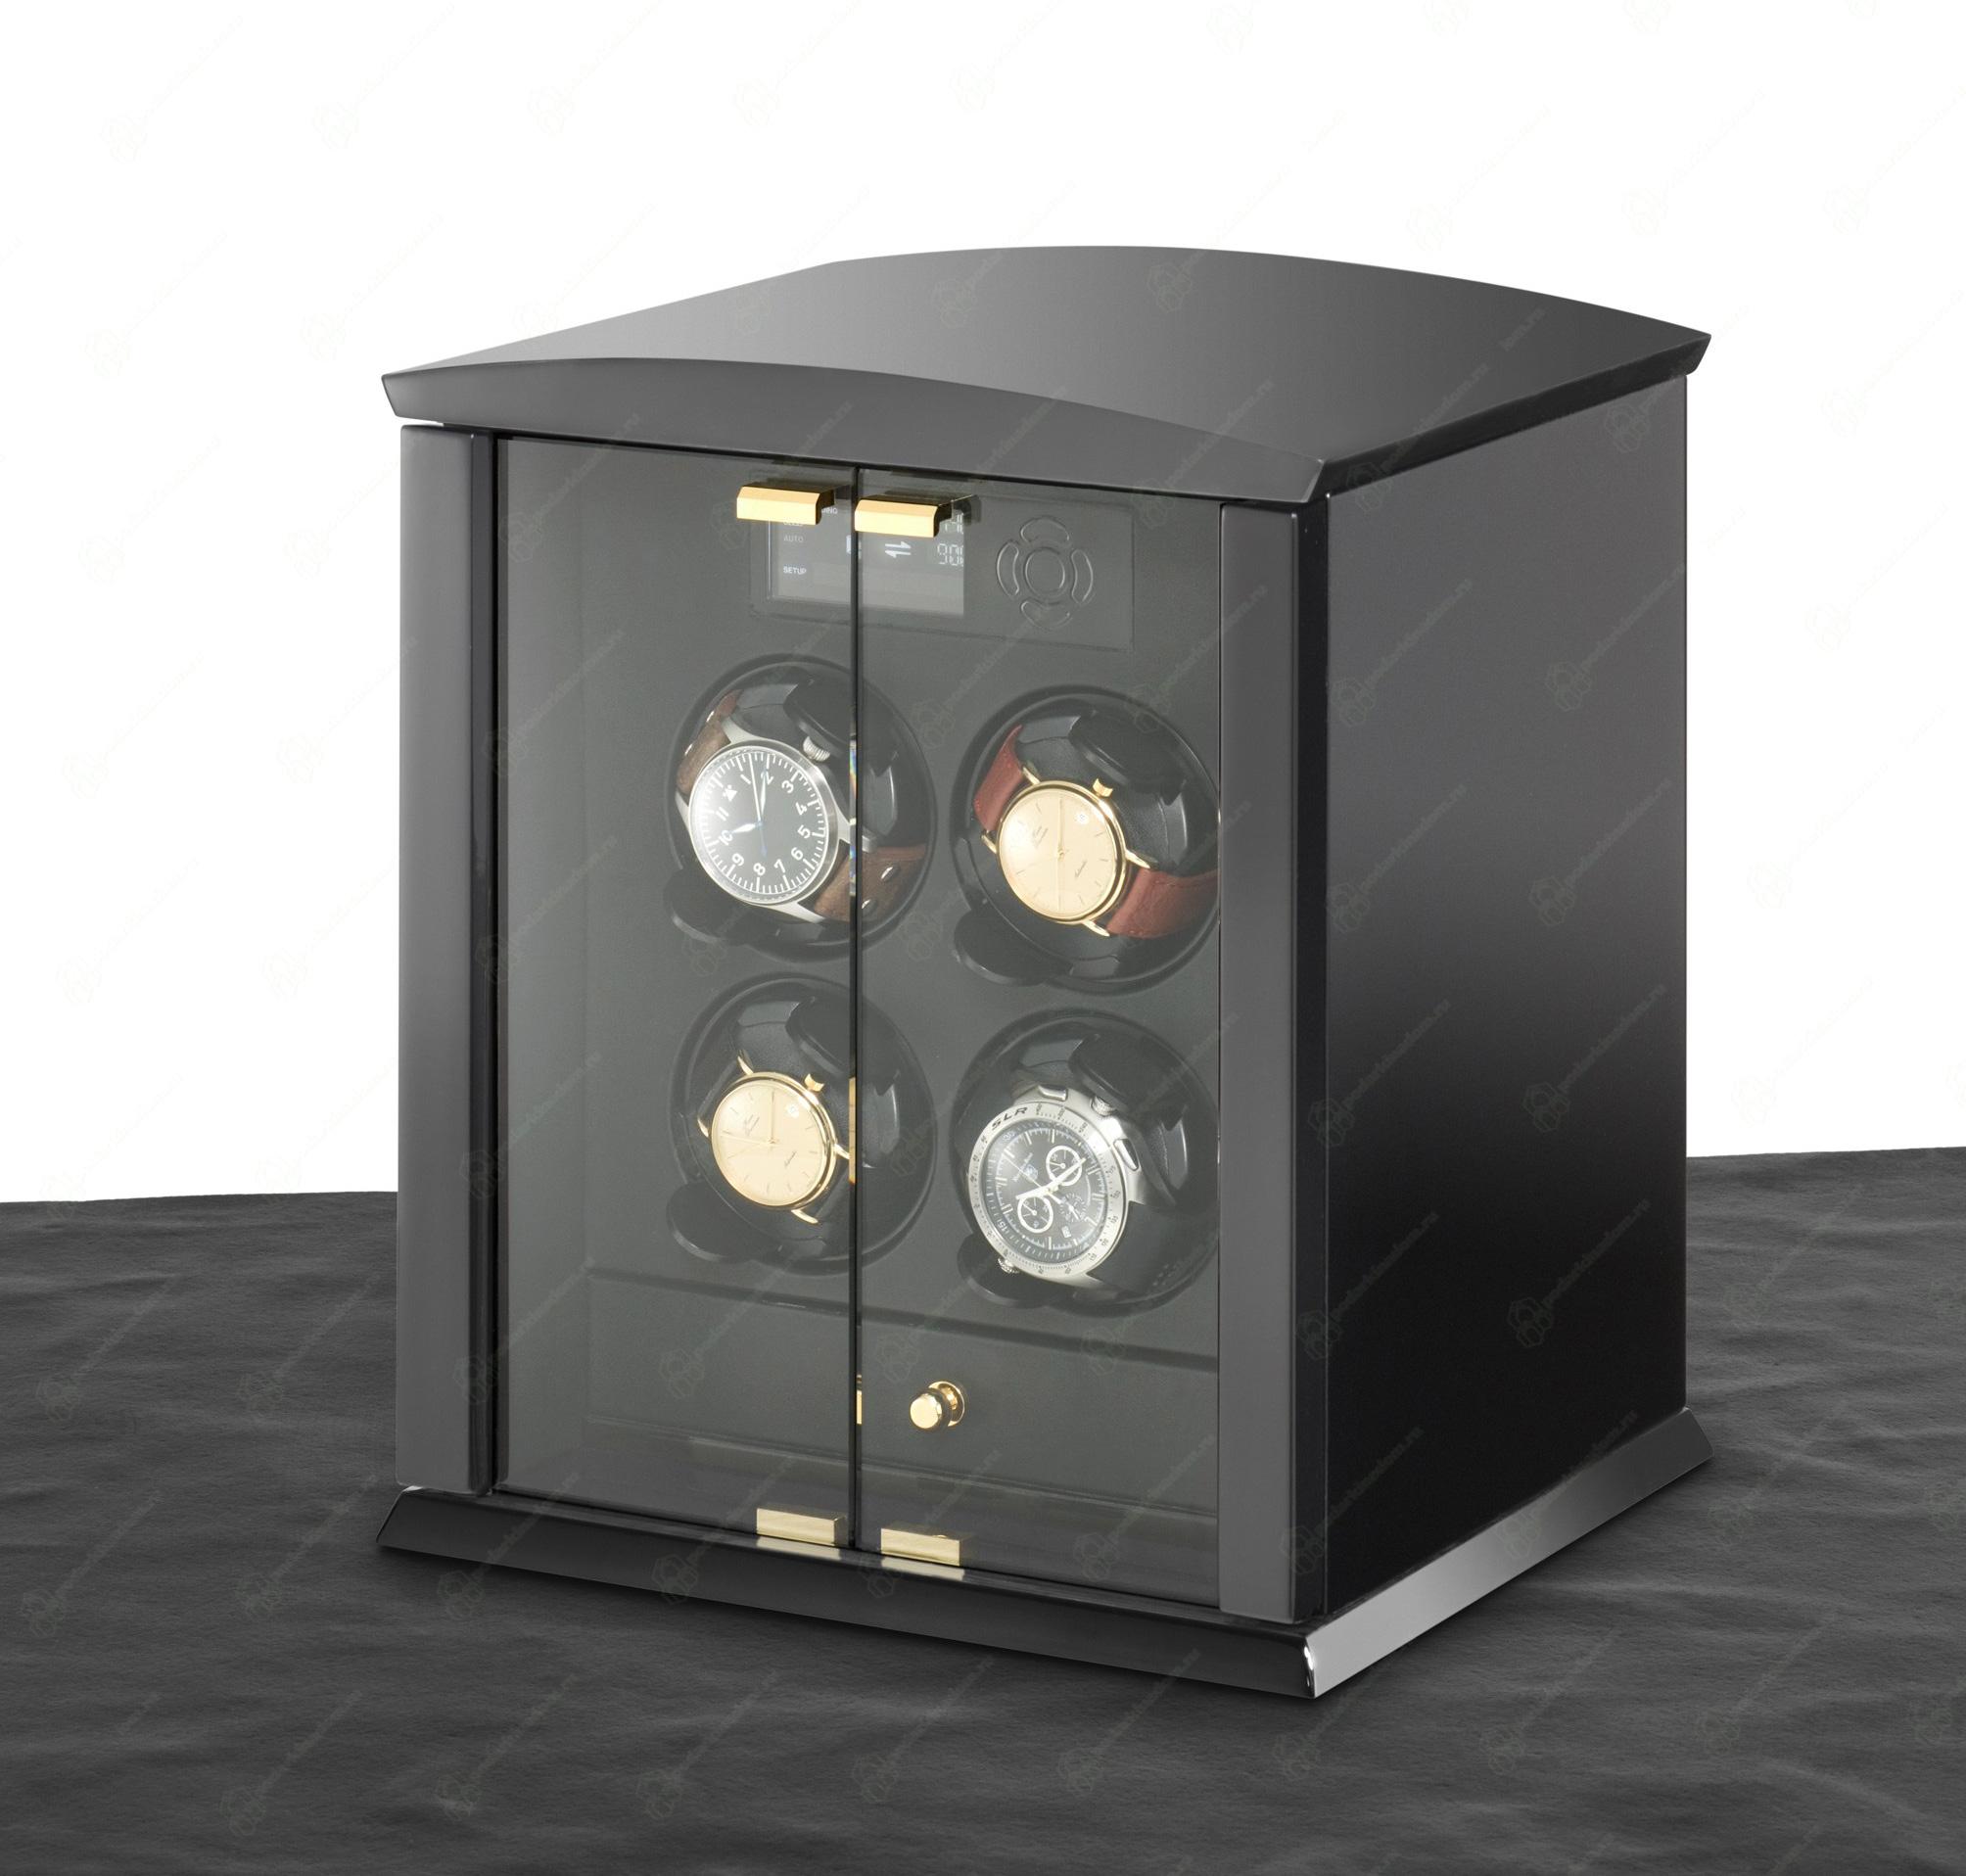 ELMA motion Corona 4 Version piano / glass doors Шкатулка для 4 часов с автоподзаводом Elma Corona 4 черный лак